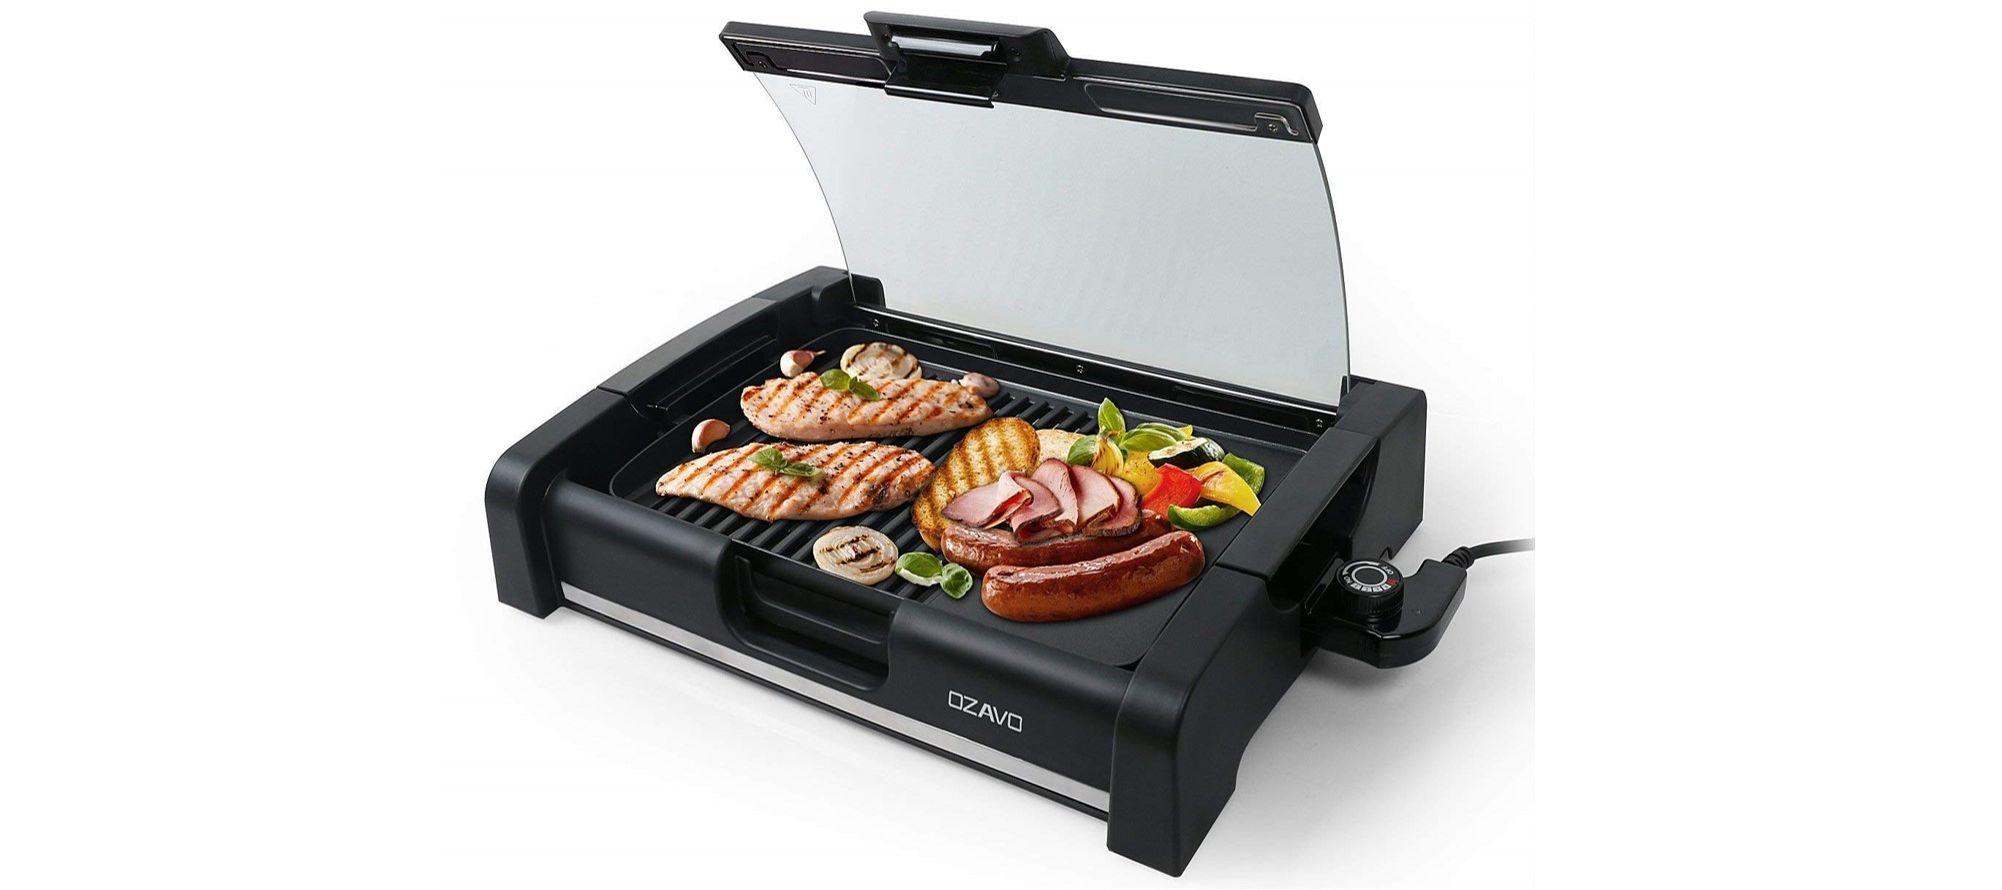 Barbecue Ou Plancha Que Choisir comparatif : quel est le meilleur barbecue électrique et